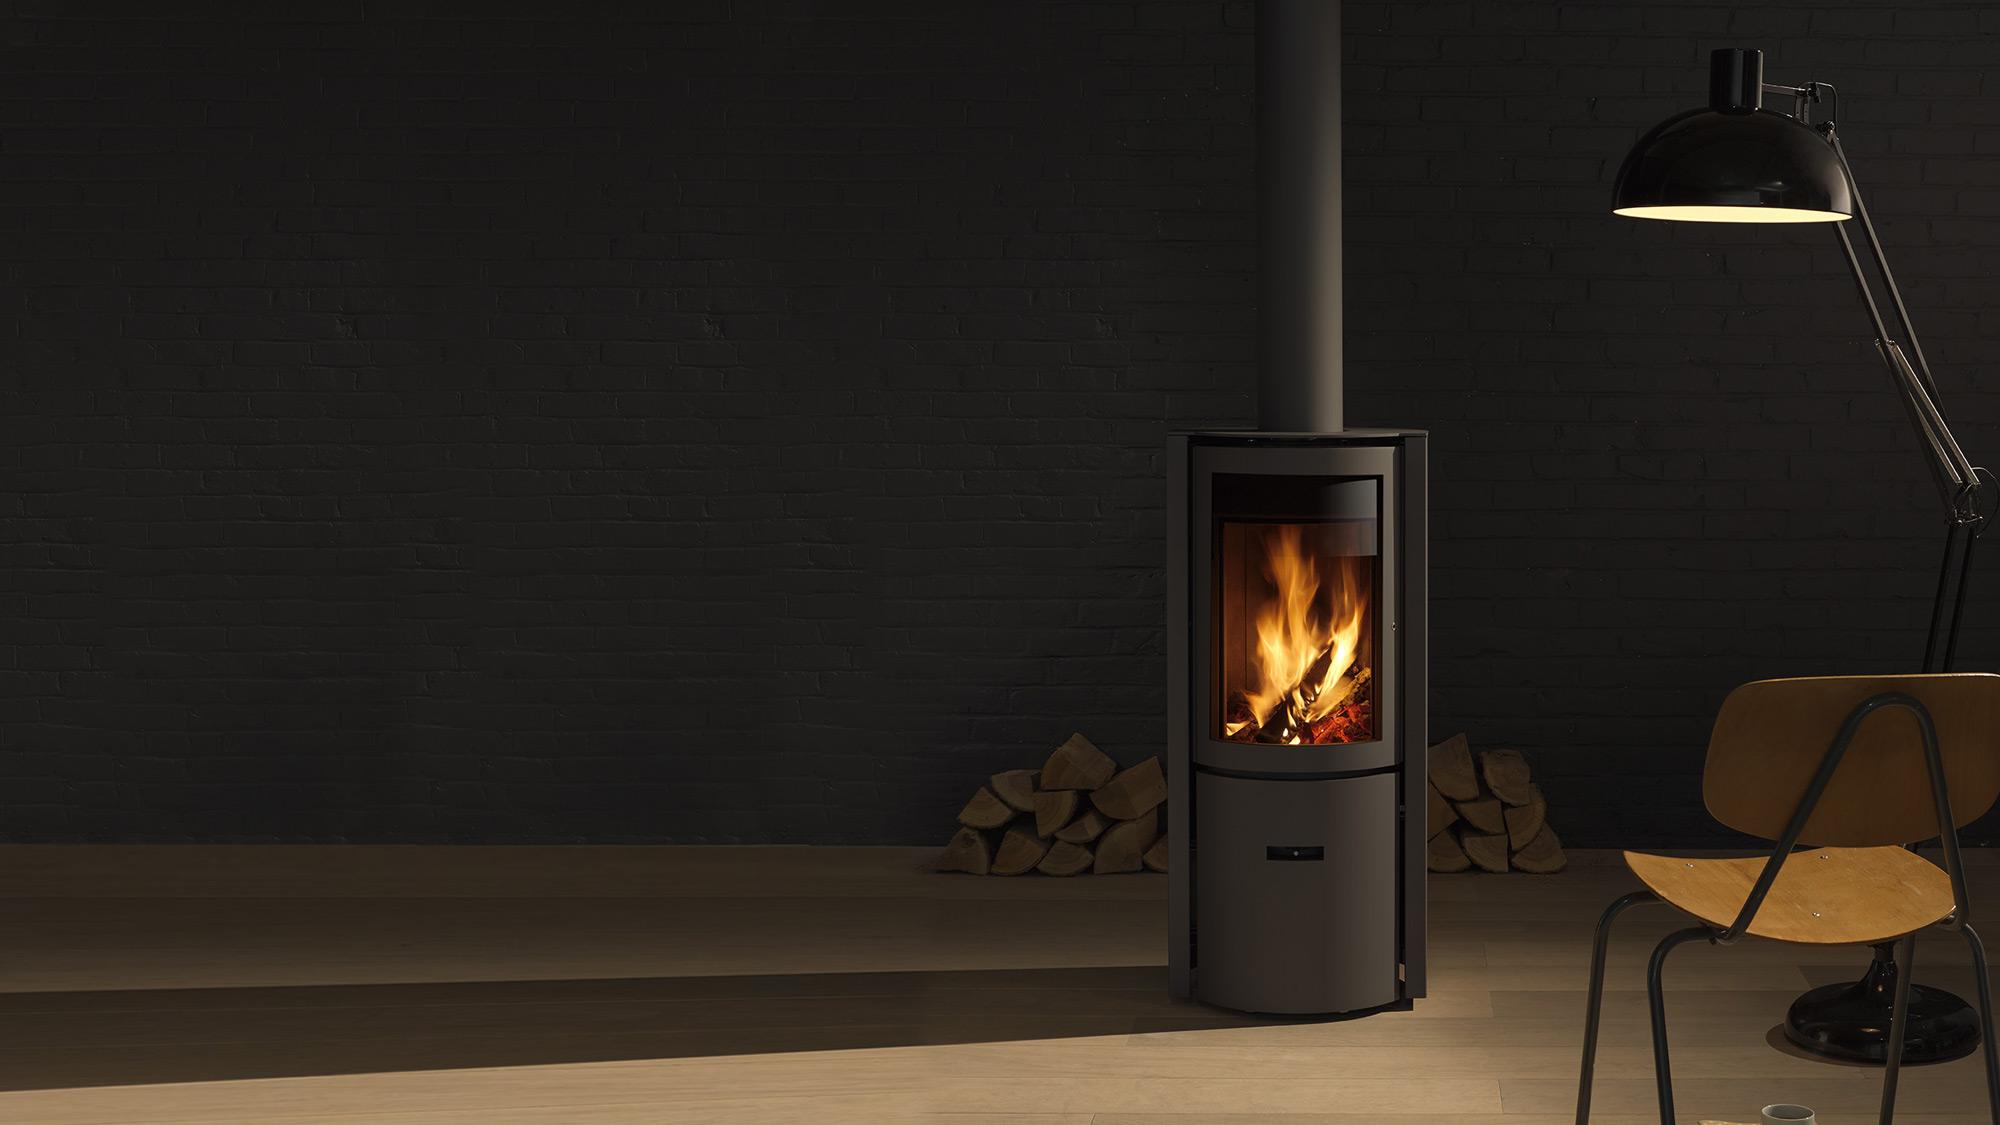 poele a bois compact id e int ressante pour la conception de meubles en bois qui inspire. Black Bedroom Furniture Sets. Home Design Ideas